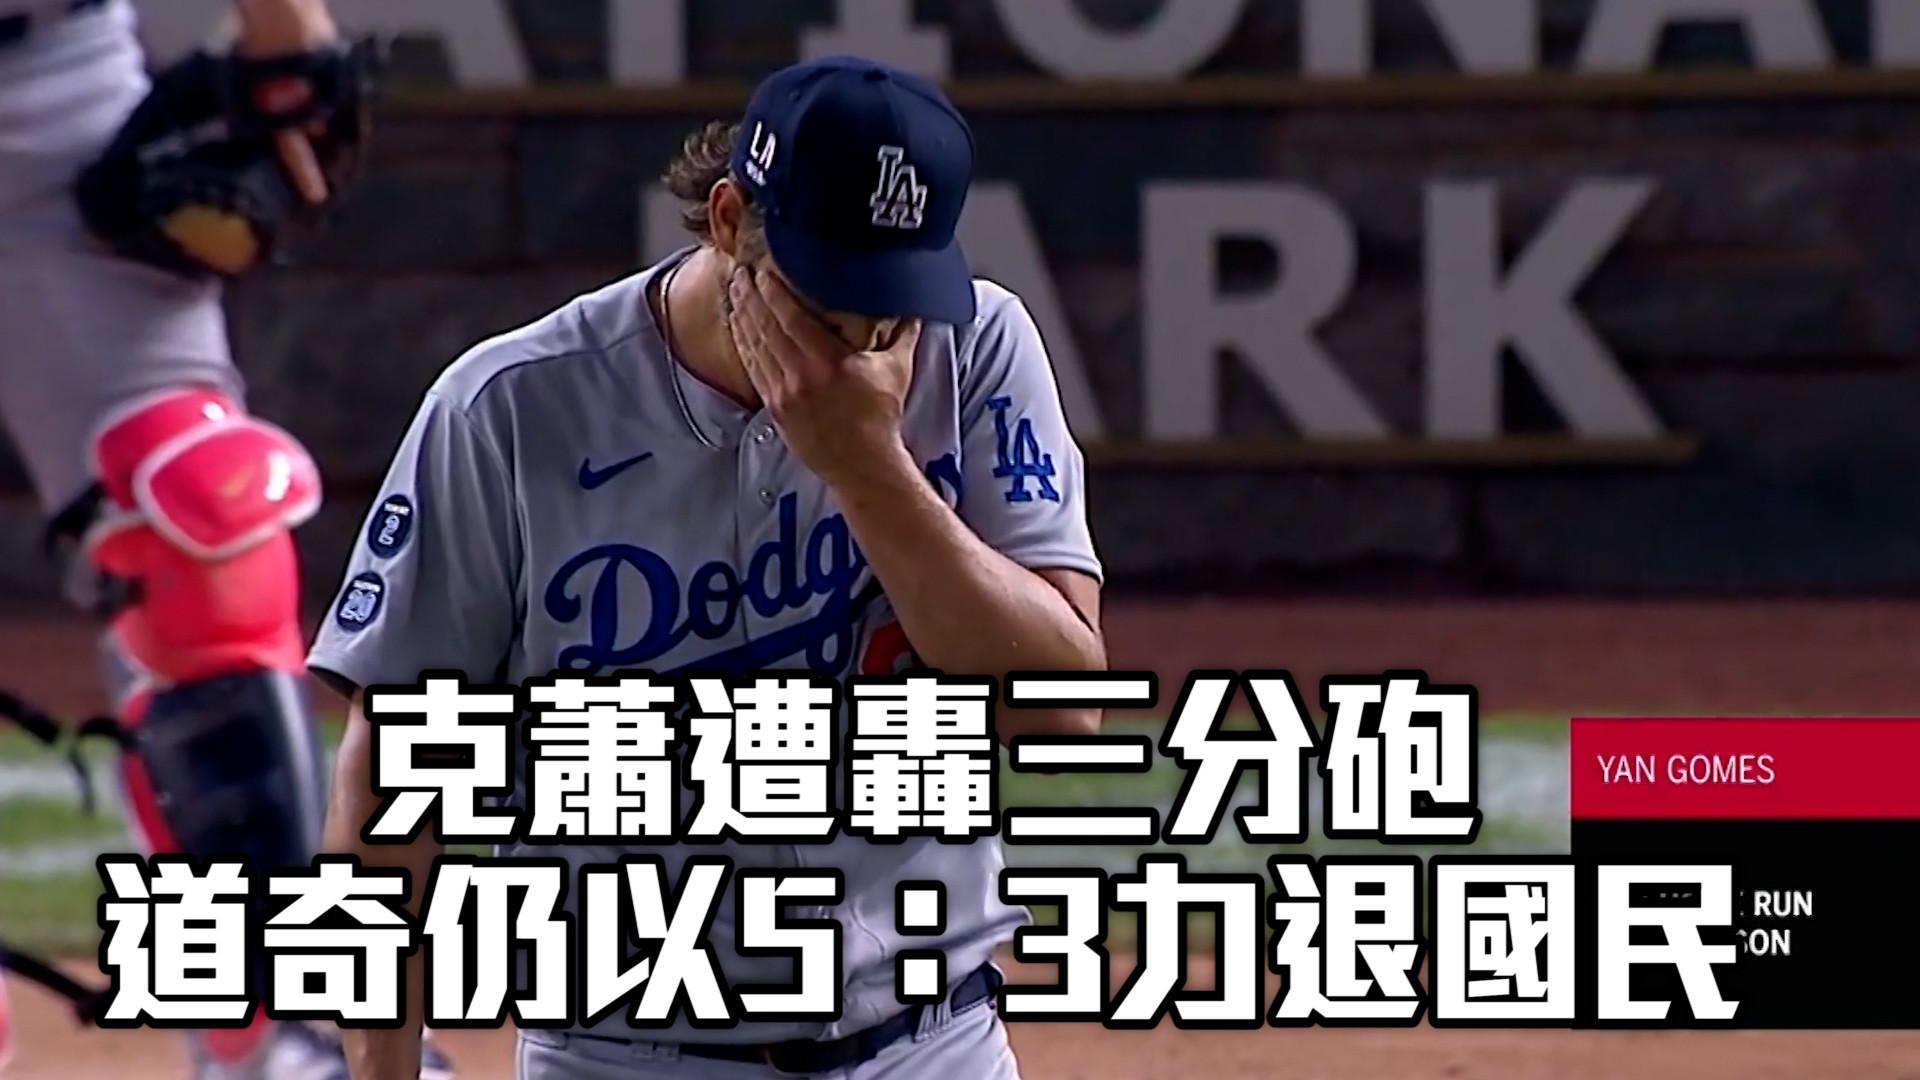 【MLB看愛爾達】克蕭遭轟三分砲 道奇仍以5:3力退國民 07/04